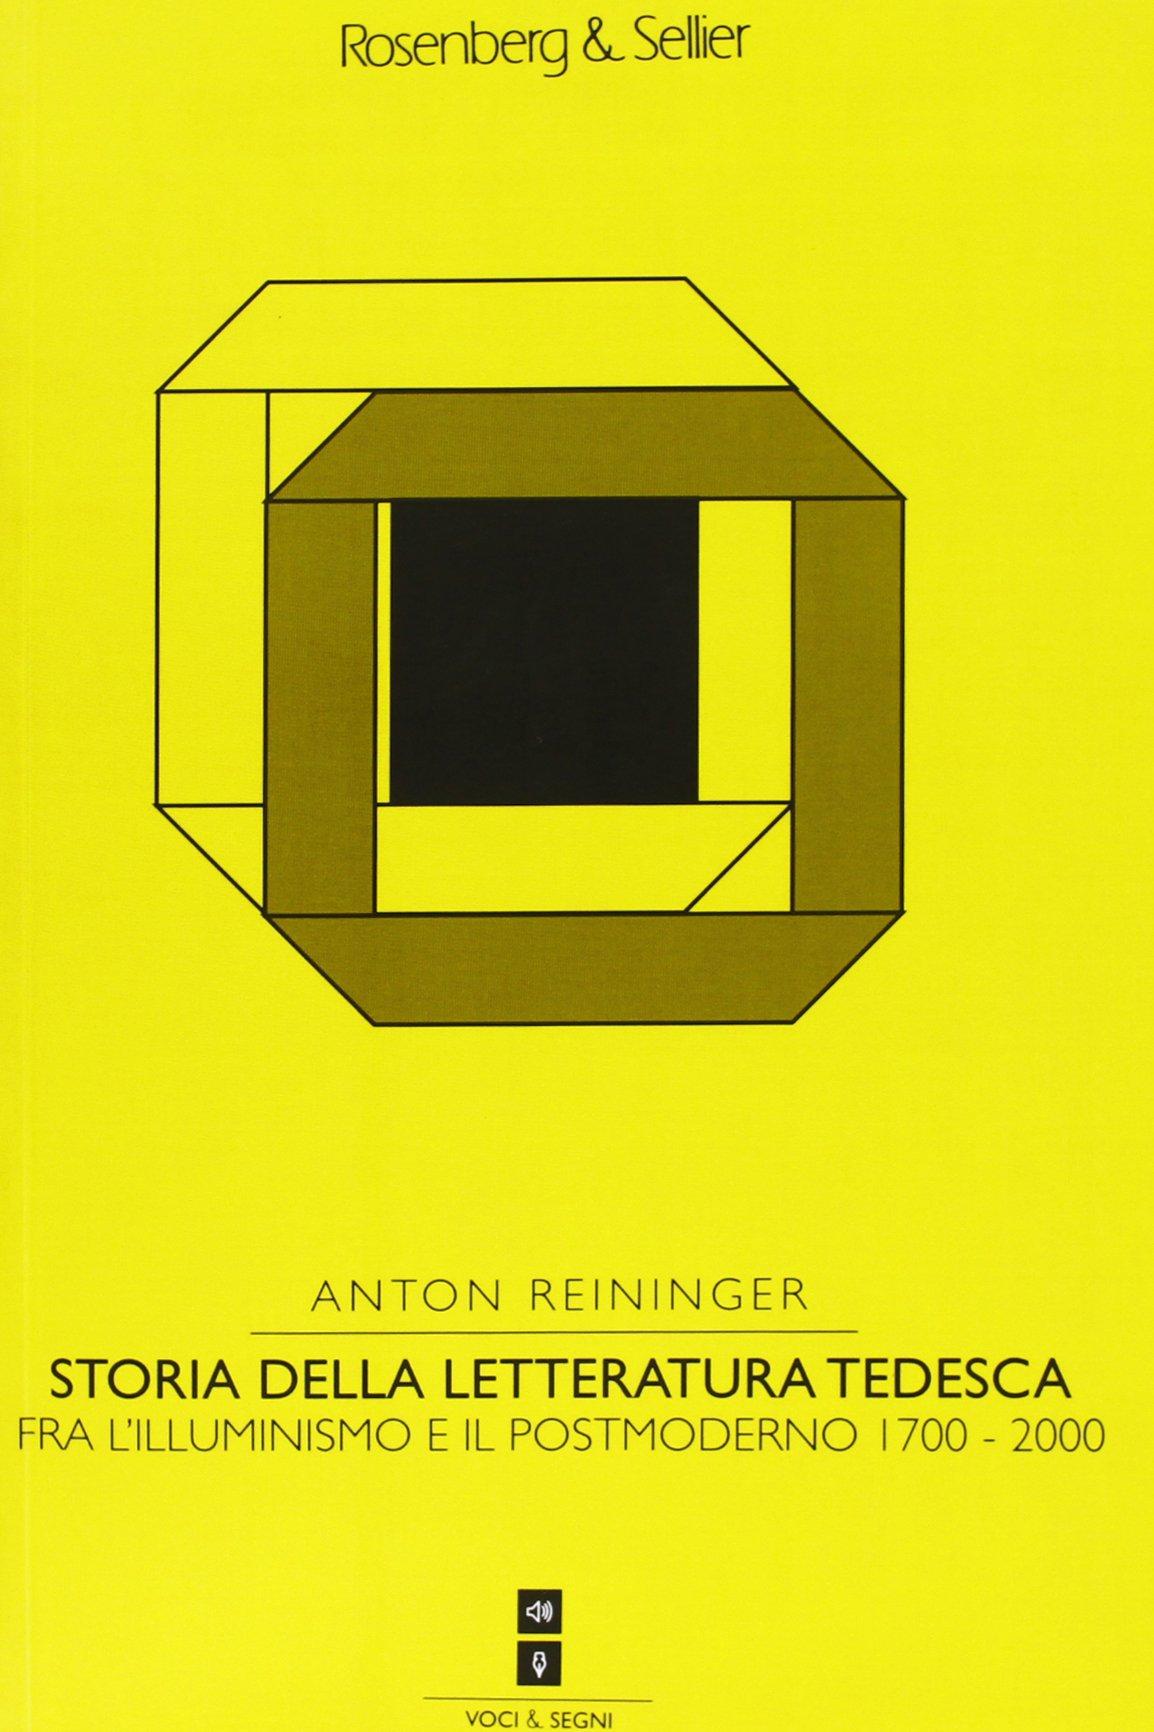 Storia della letteratura tedesca. Fra Illuminismo e il Postmodernismo 1700-2000